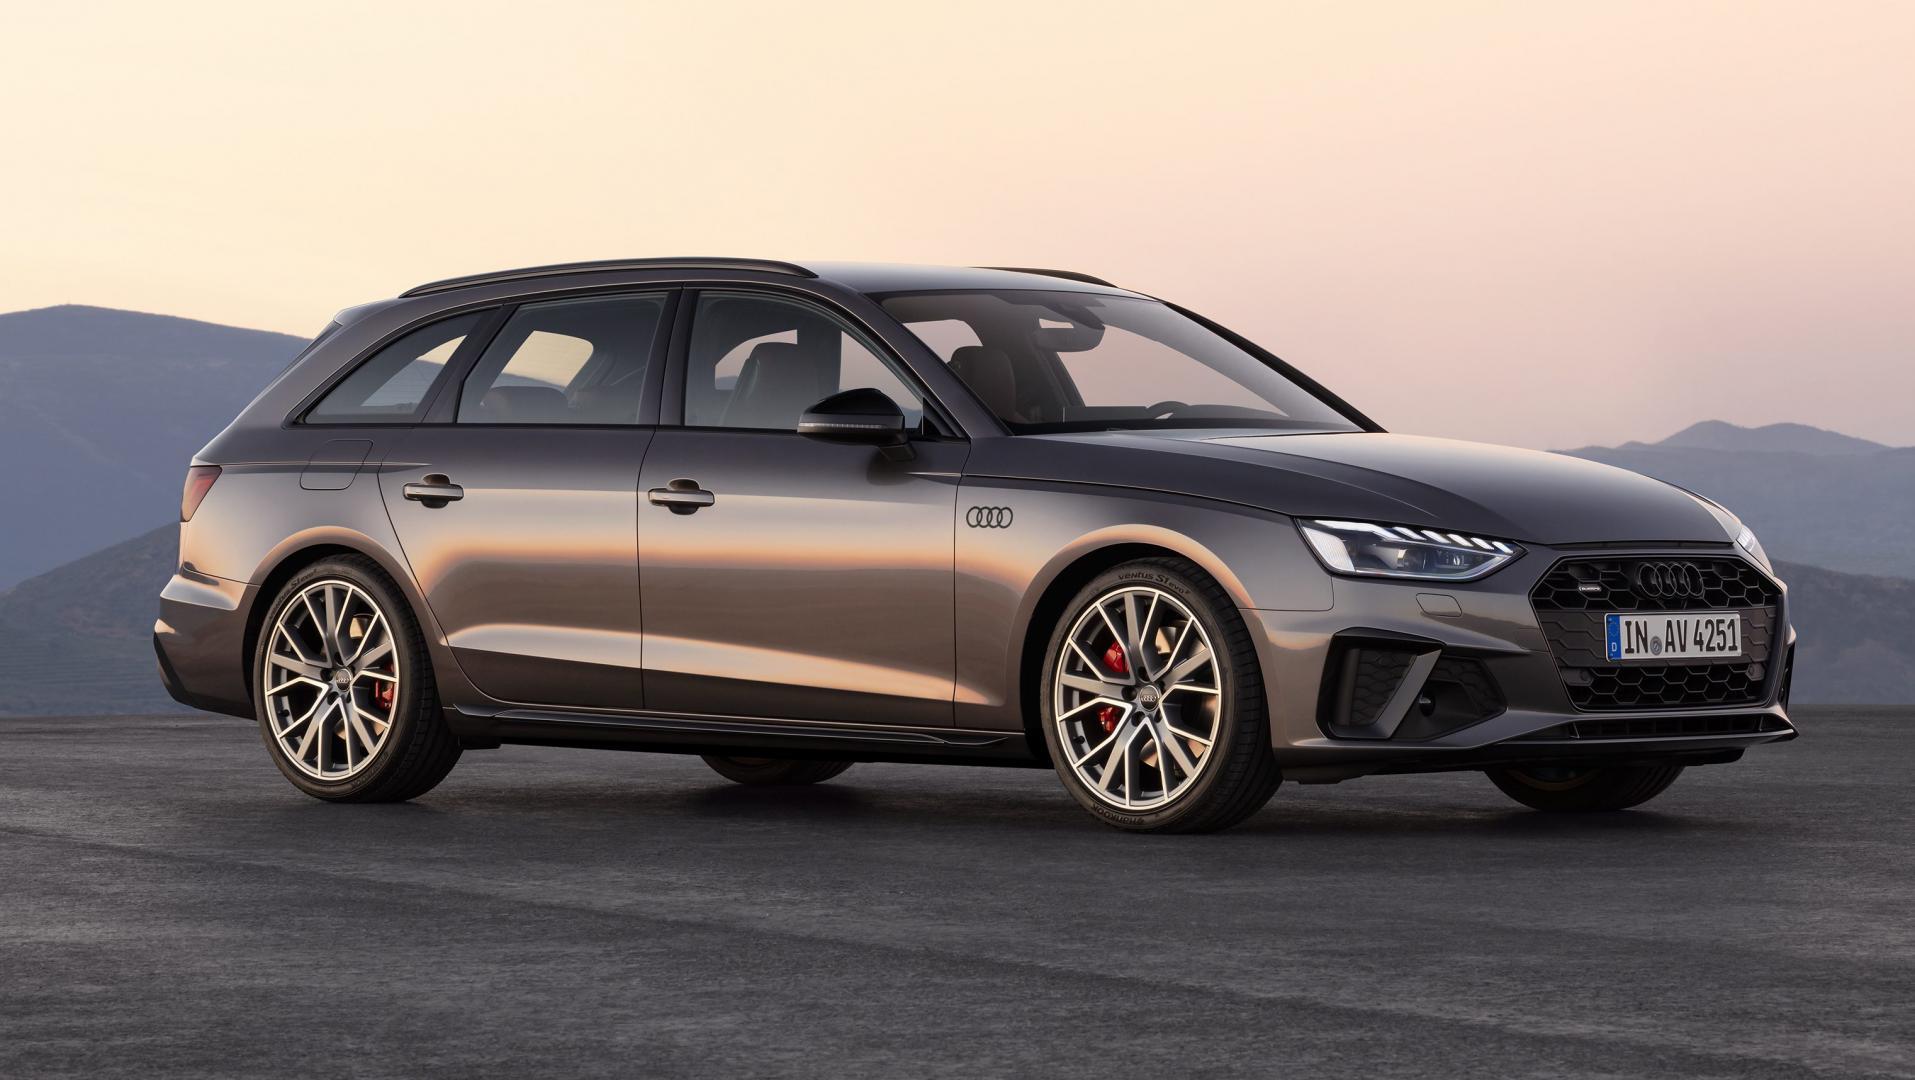 Audi A4 Avant facelift 2019 Terra gray